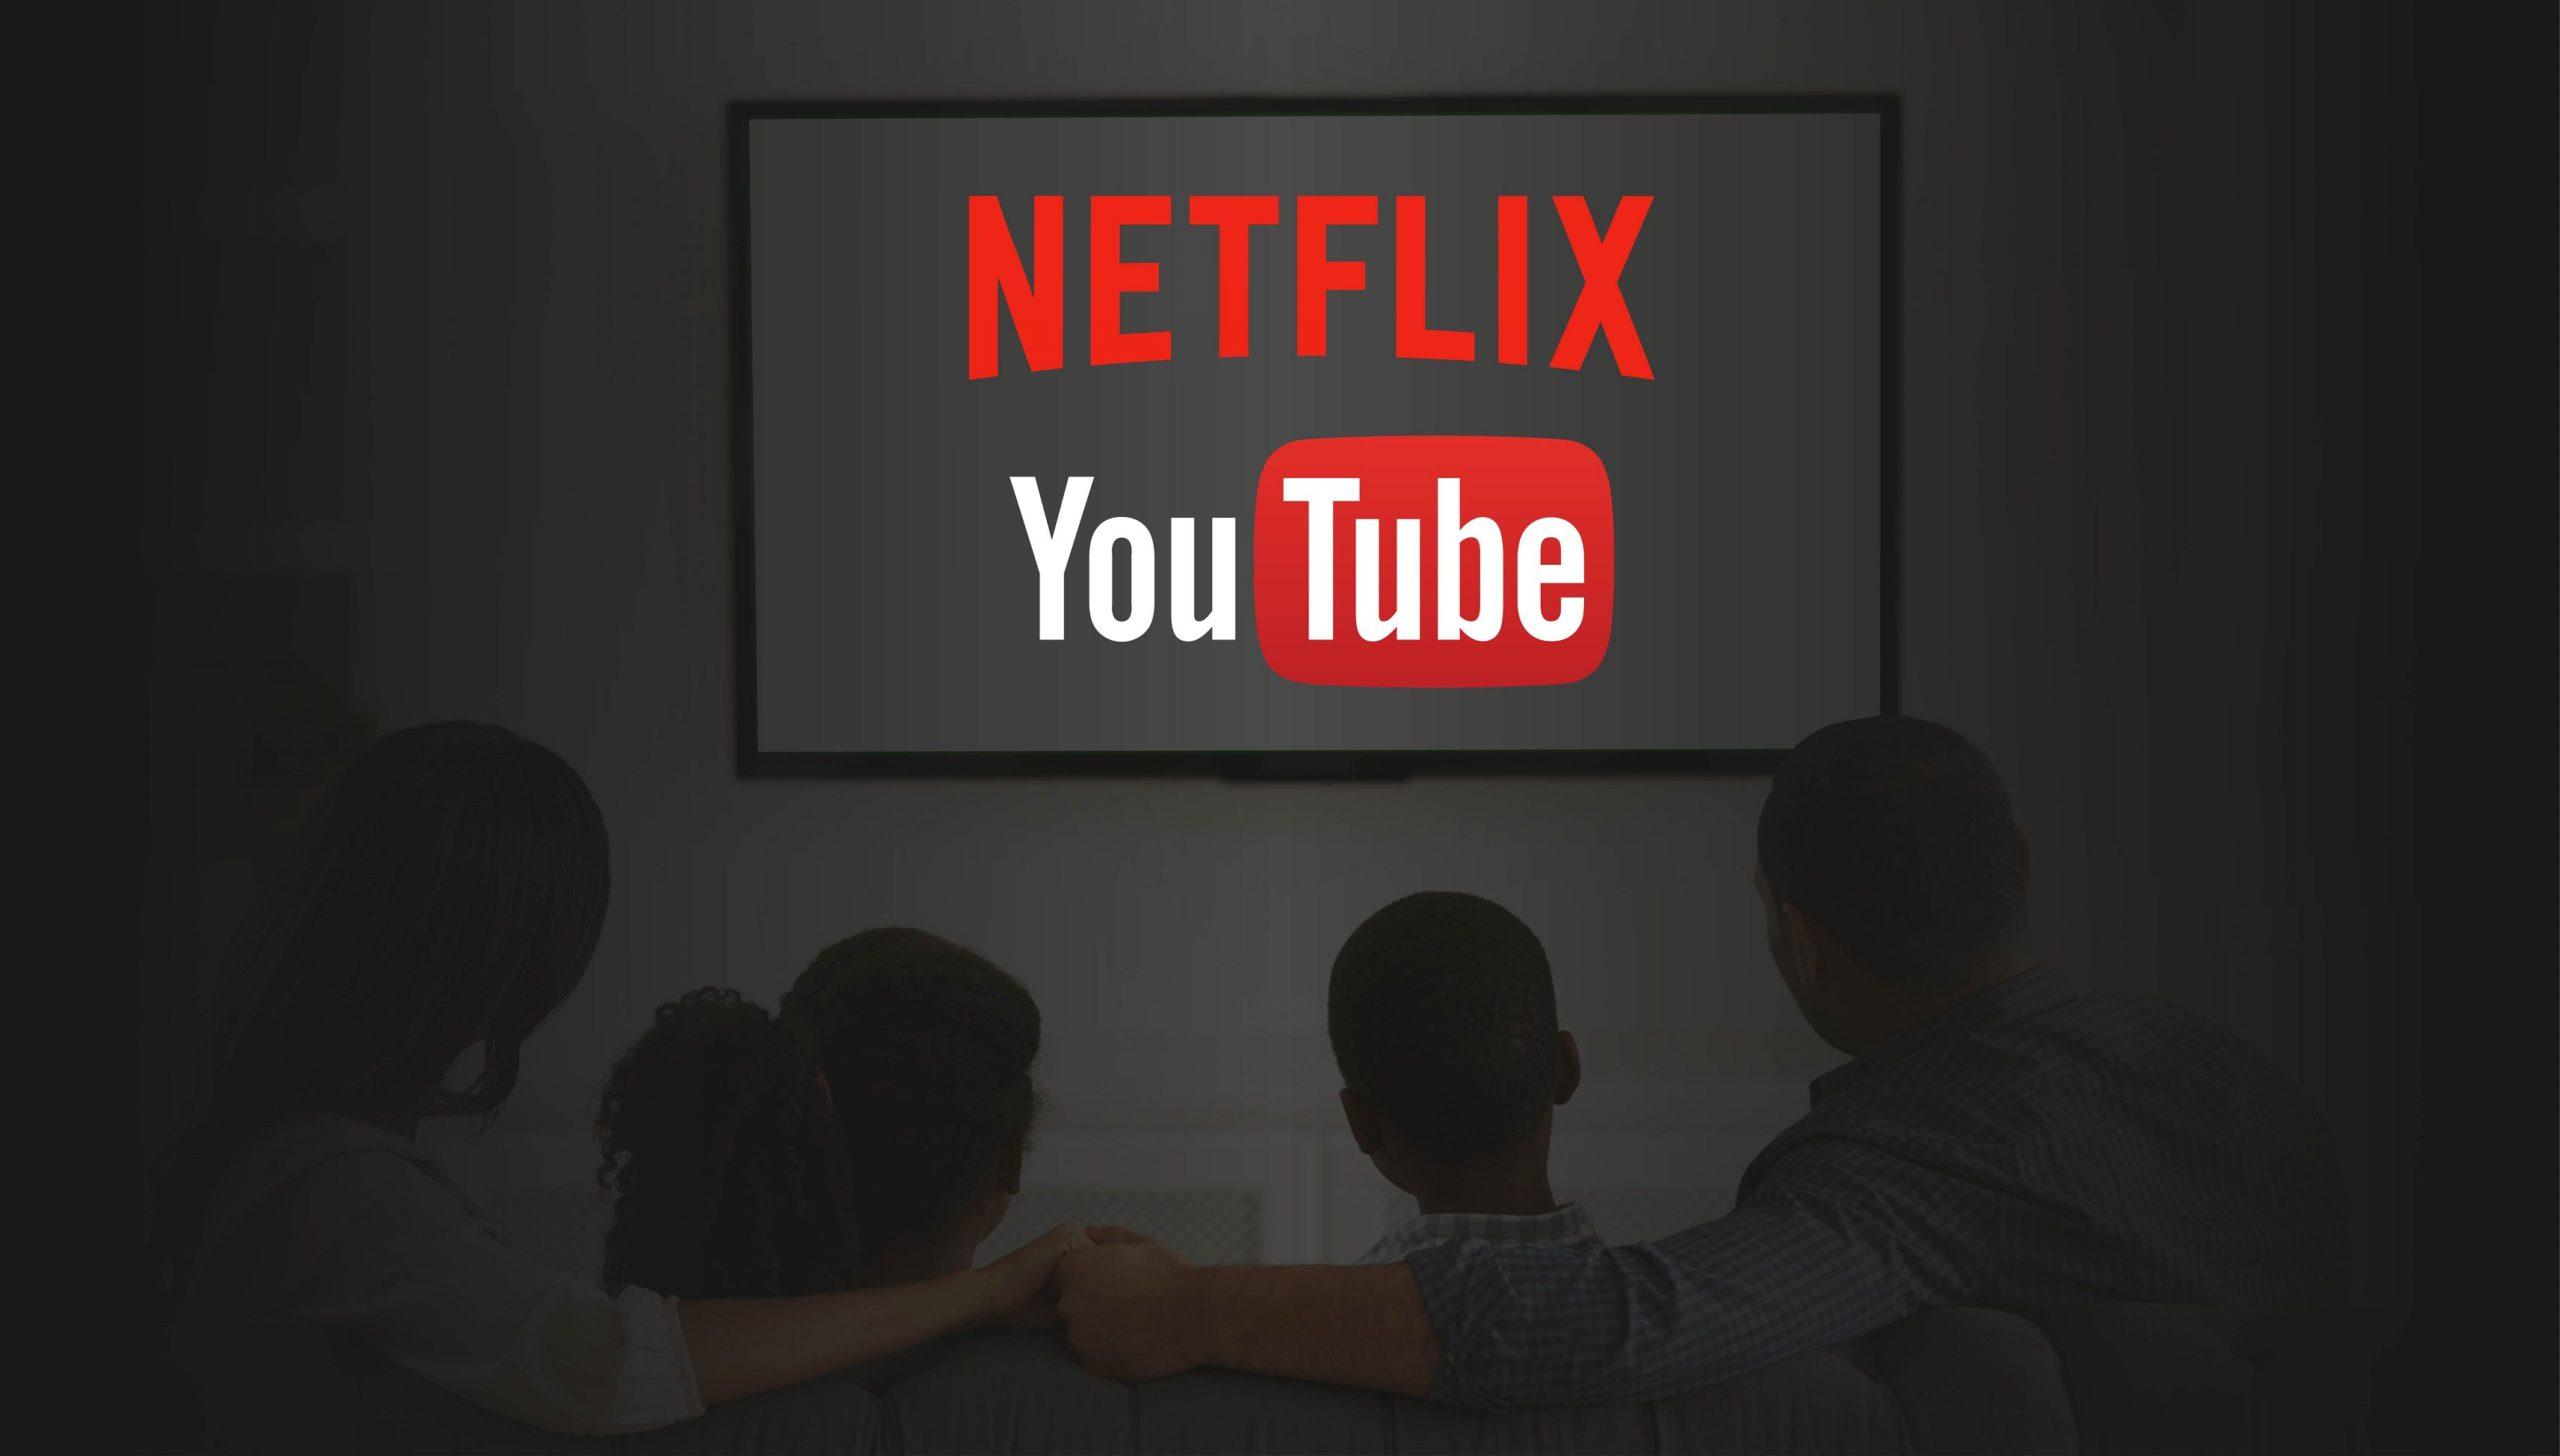 Netflix on YouTube